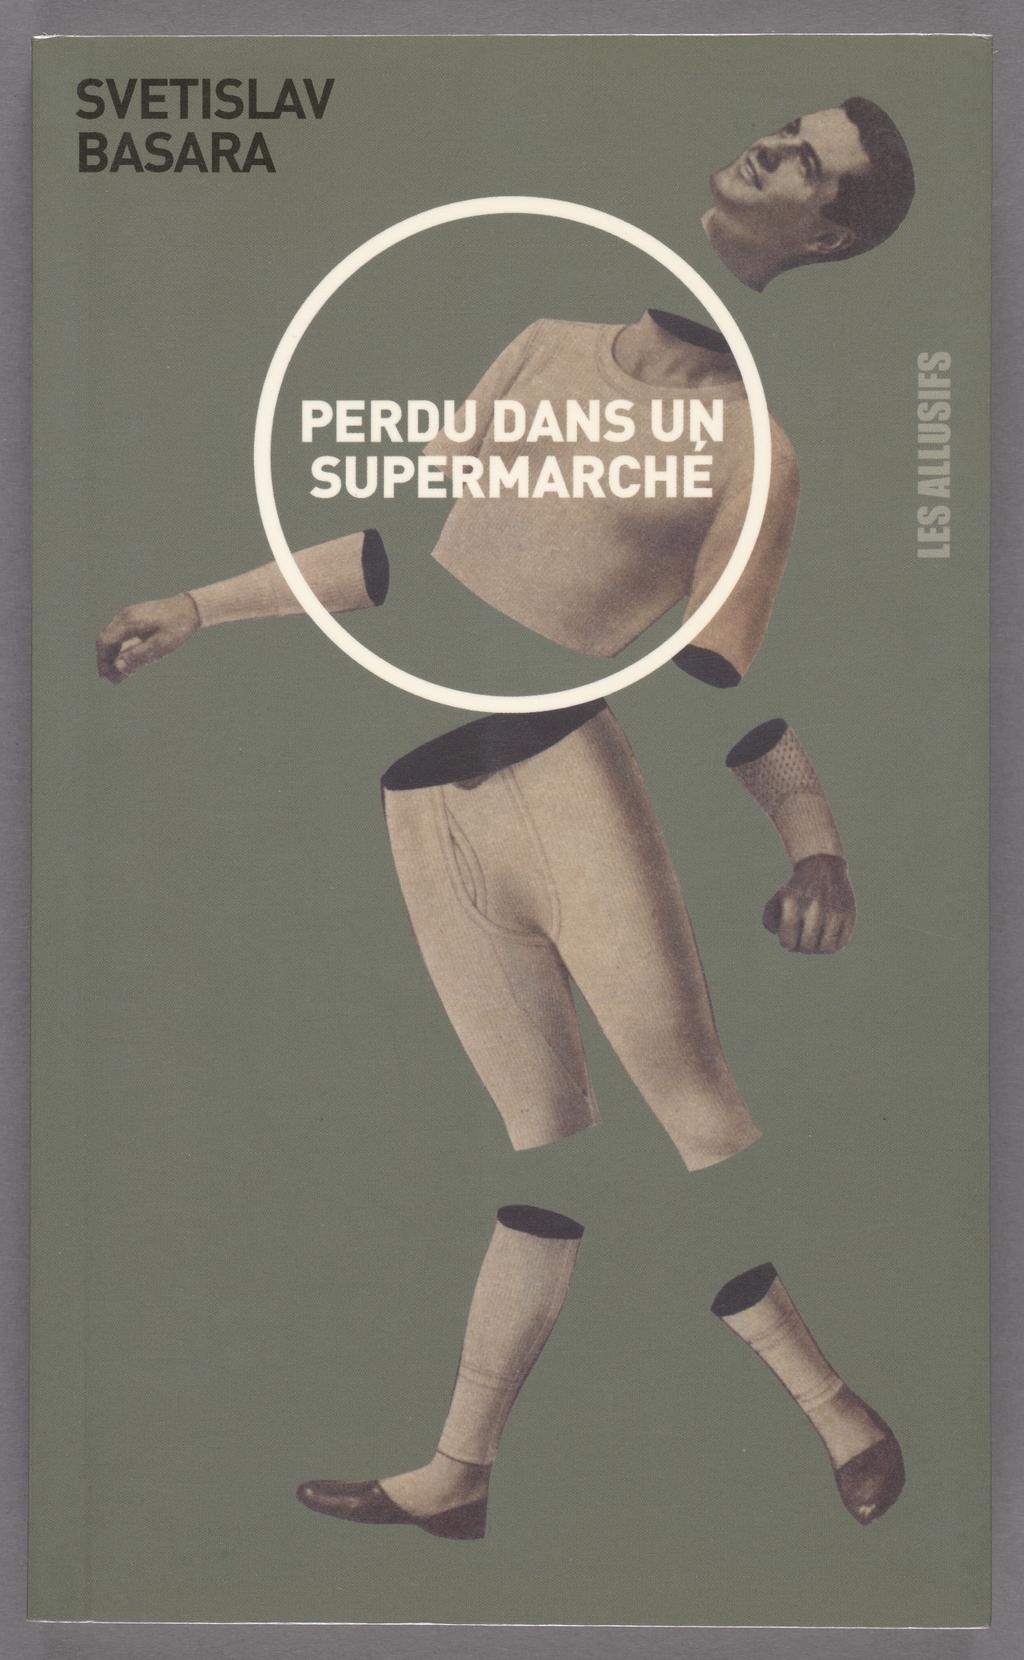 « Perdu dans un supermarché de Svetislav Basara », édité chez Les Allusifs, nº 066